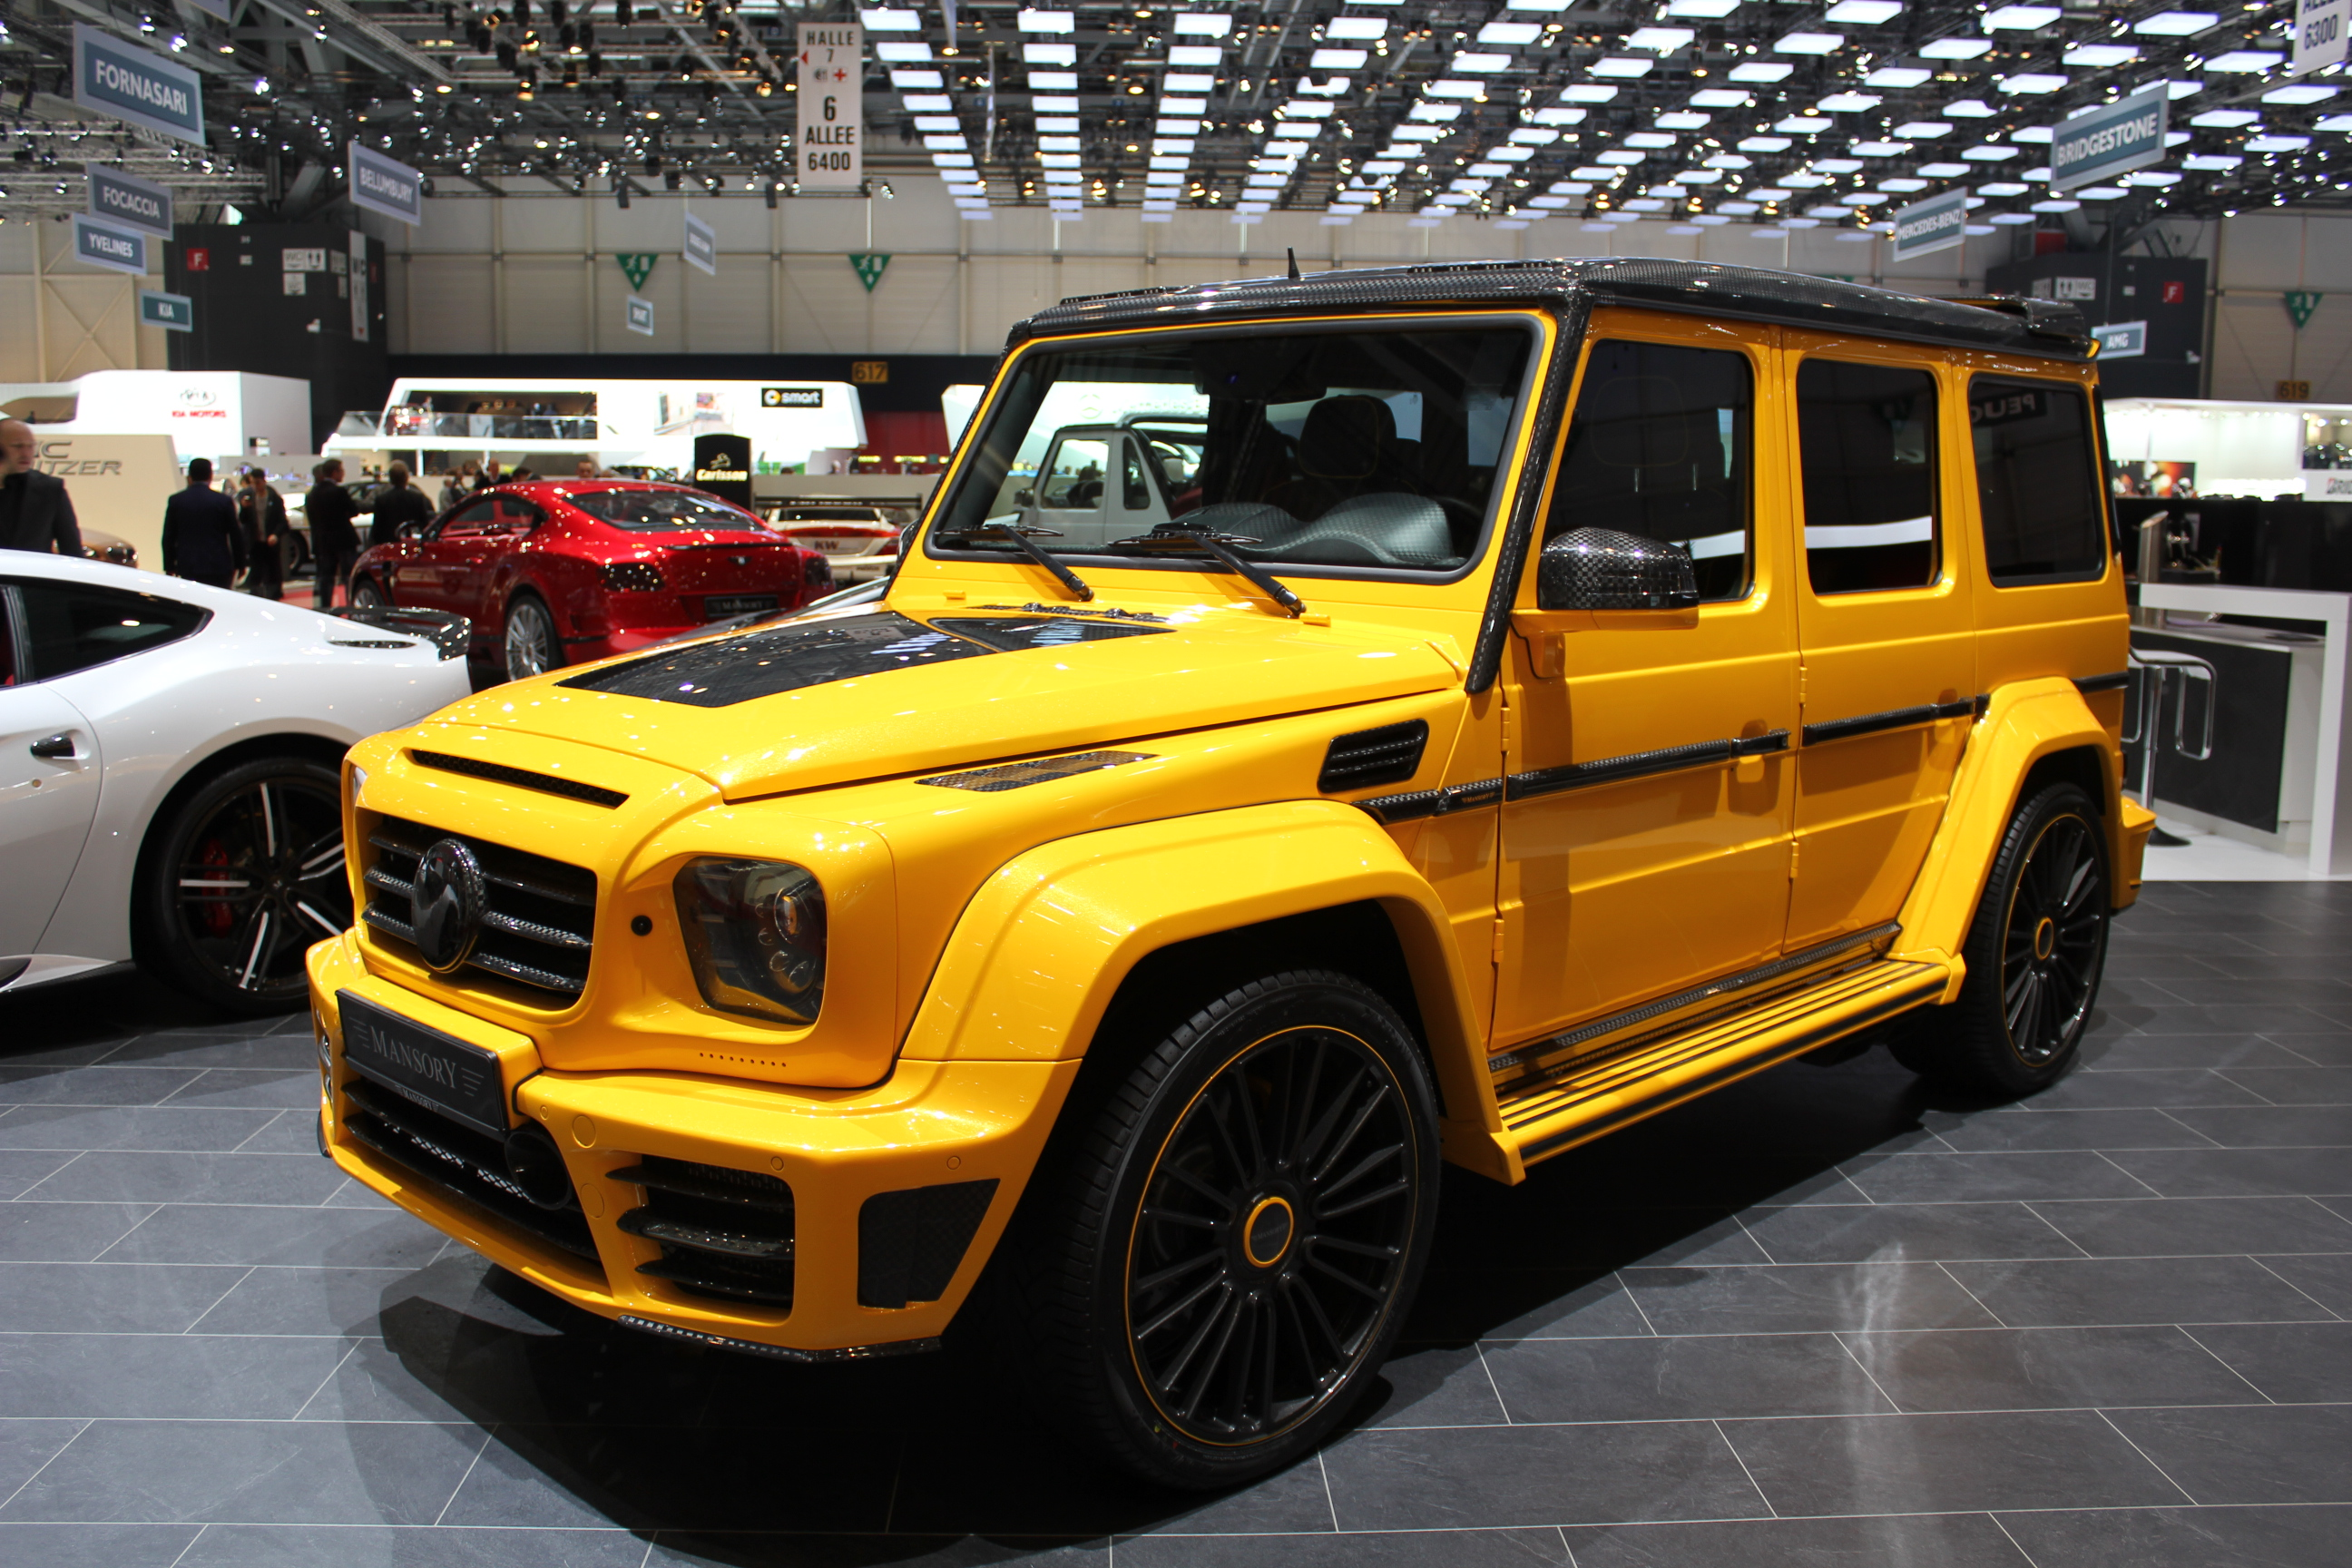 http://images.caradisiac.com/images/5/0/0/6/85006/S0-En-direct-du-Salon-de-Geneve-2013-Mercedes-Classe-G-et-Land-Rover-Defender-le-cubisme-de-nouveau-a-la-mode-287840.jpg